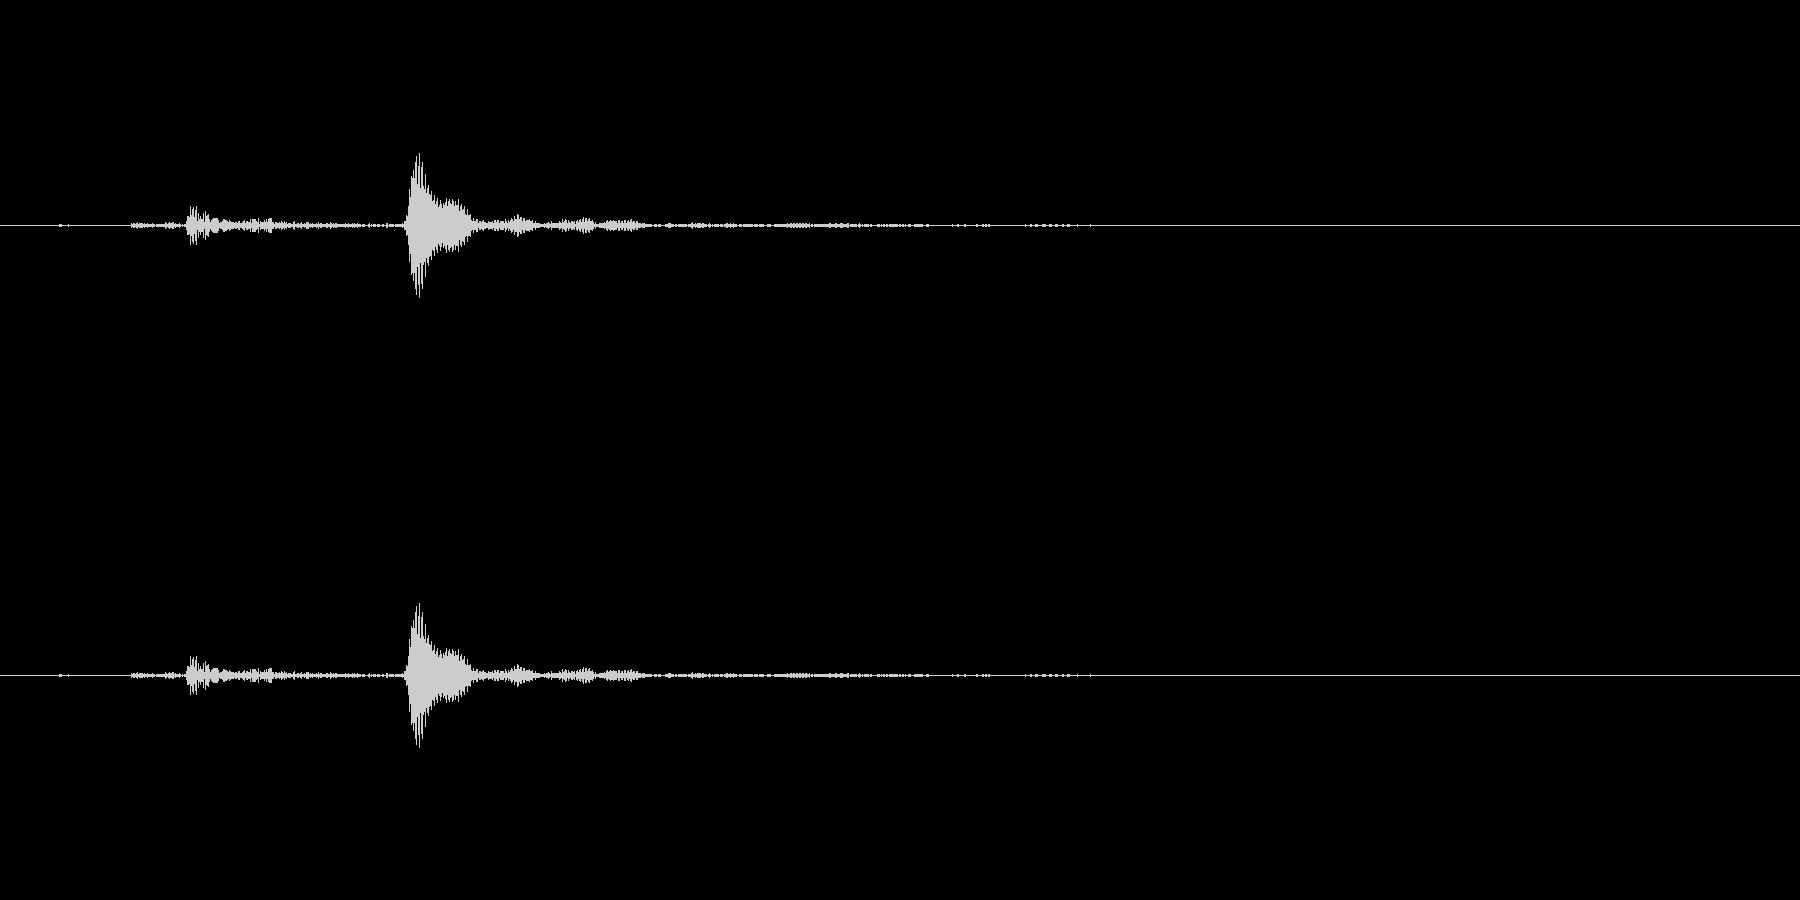 選択、決定、ポワン、ポップ_3の未再生の波形